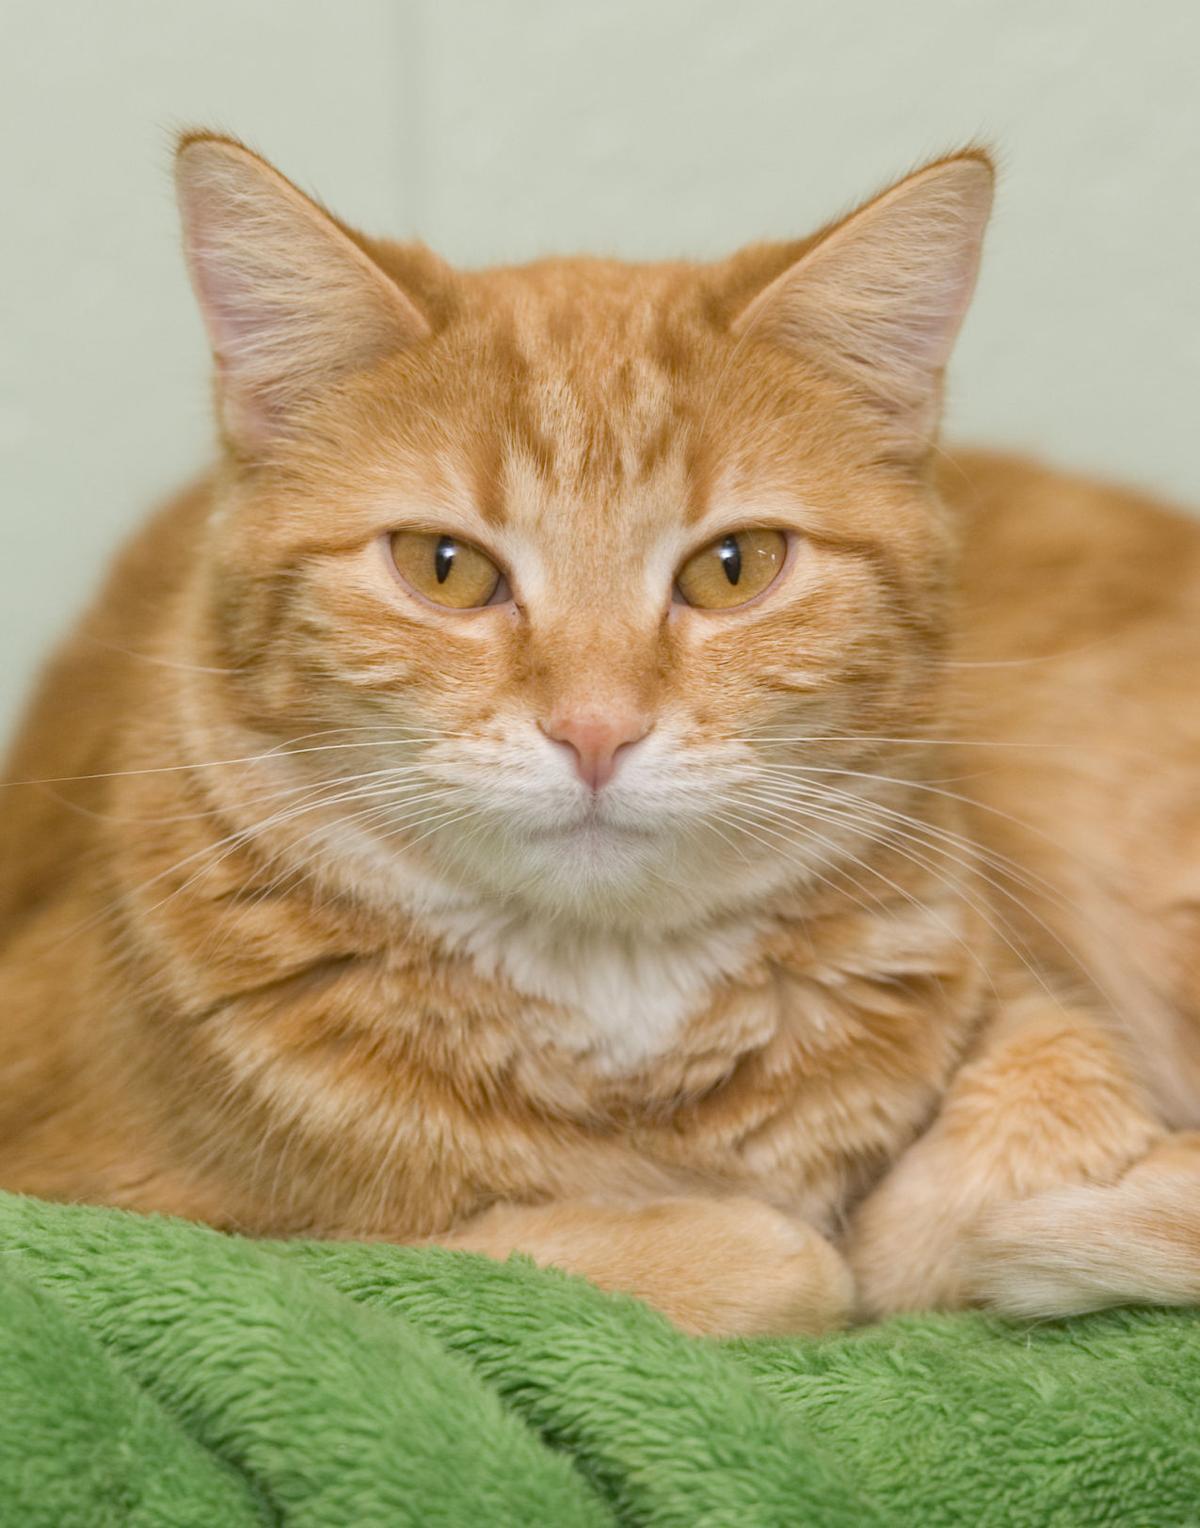 123017-mat-pets-cat-KK.jpg